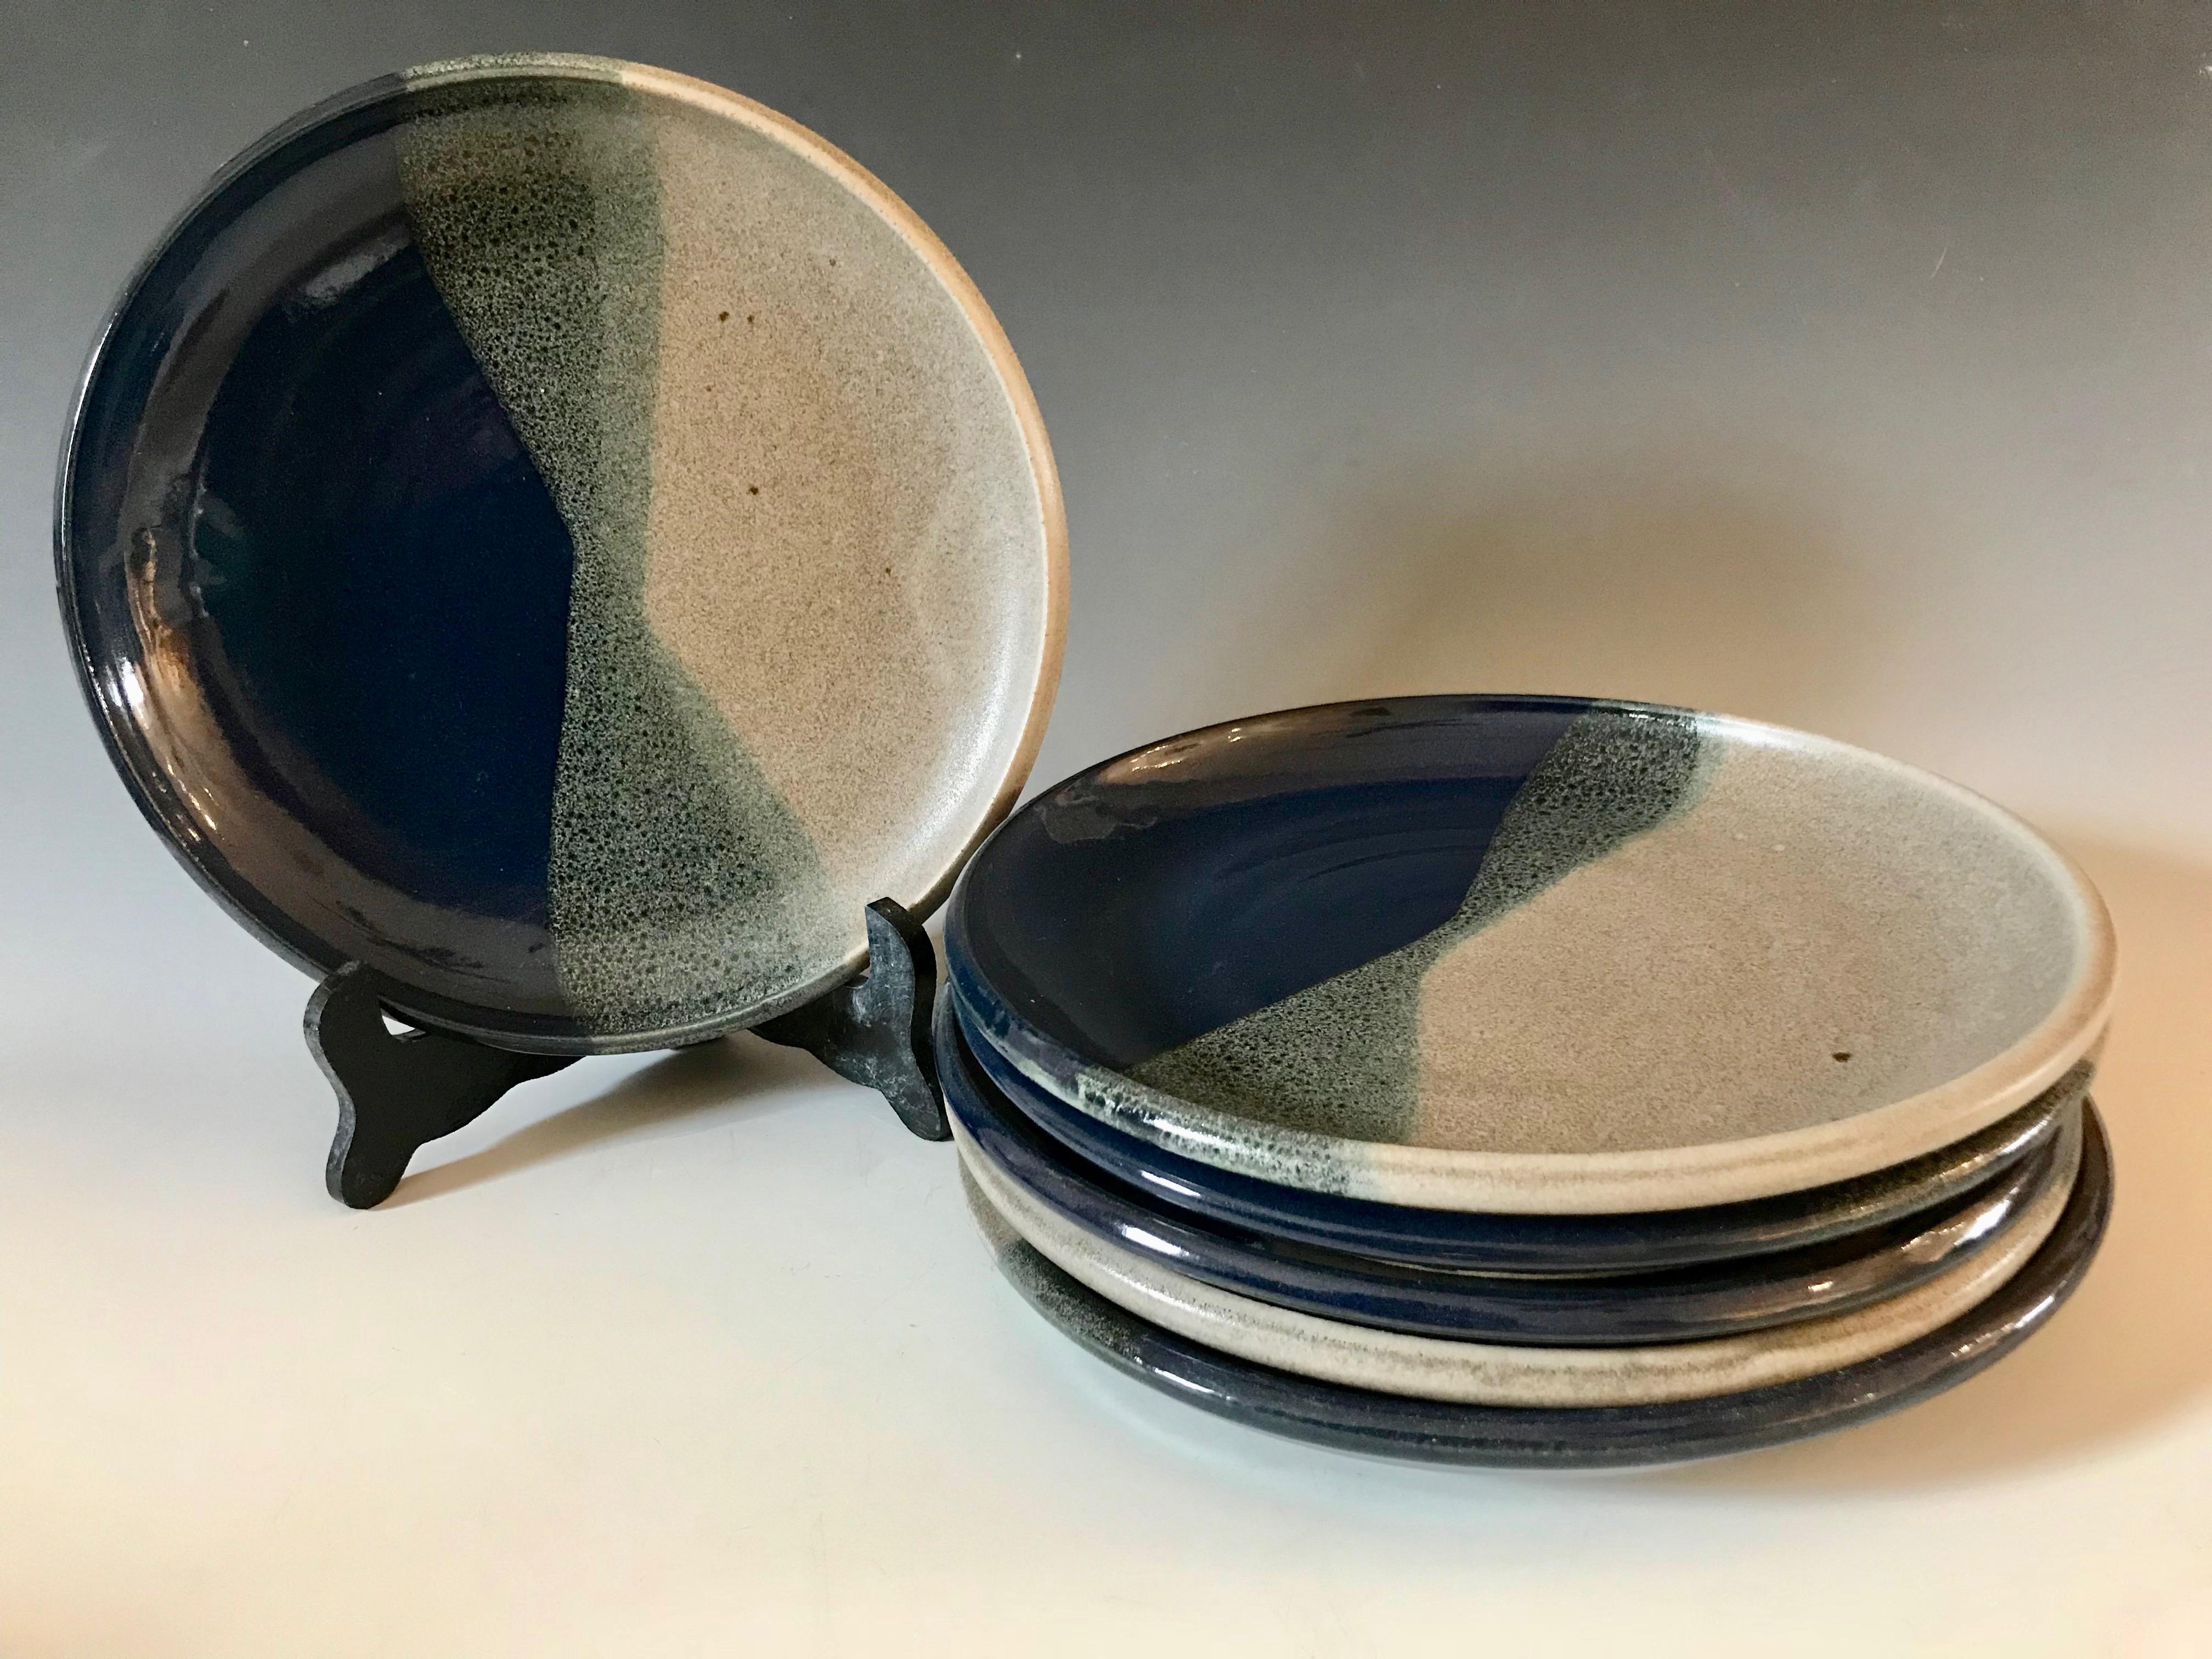 Dinner Plate - $24